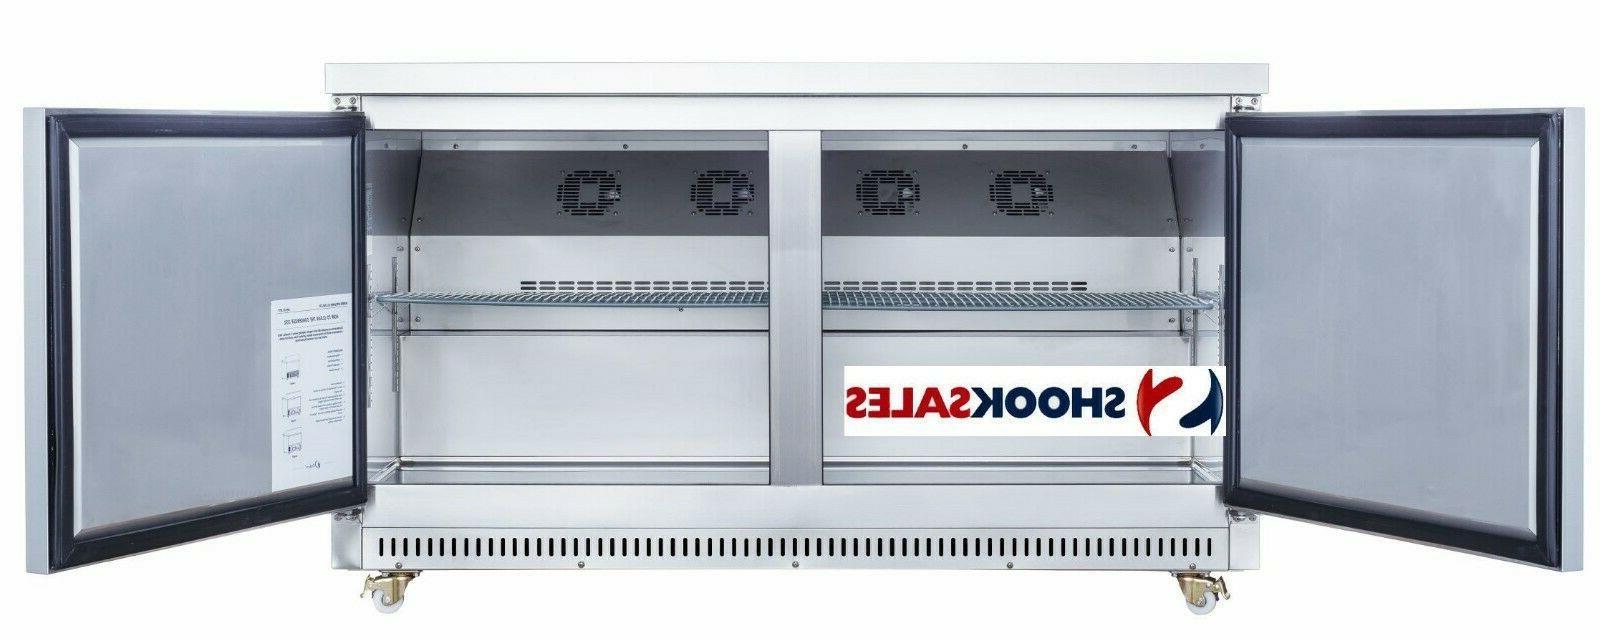 Dukers Freezer 15.5 GREAT YEARS